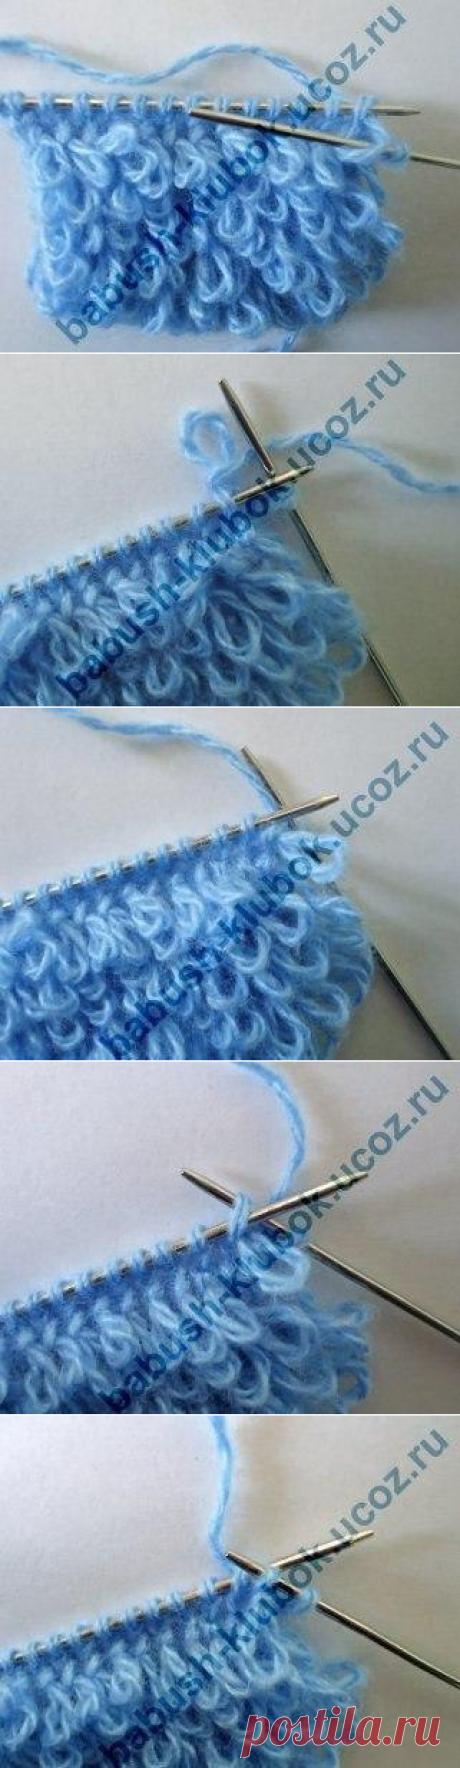 """Узор """"Мех"""" или махровое вязание — Сделай сам, идеи для творчества - DIY Ideas"""